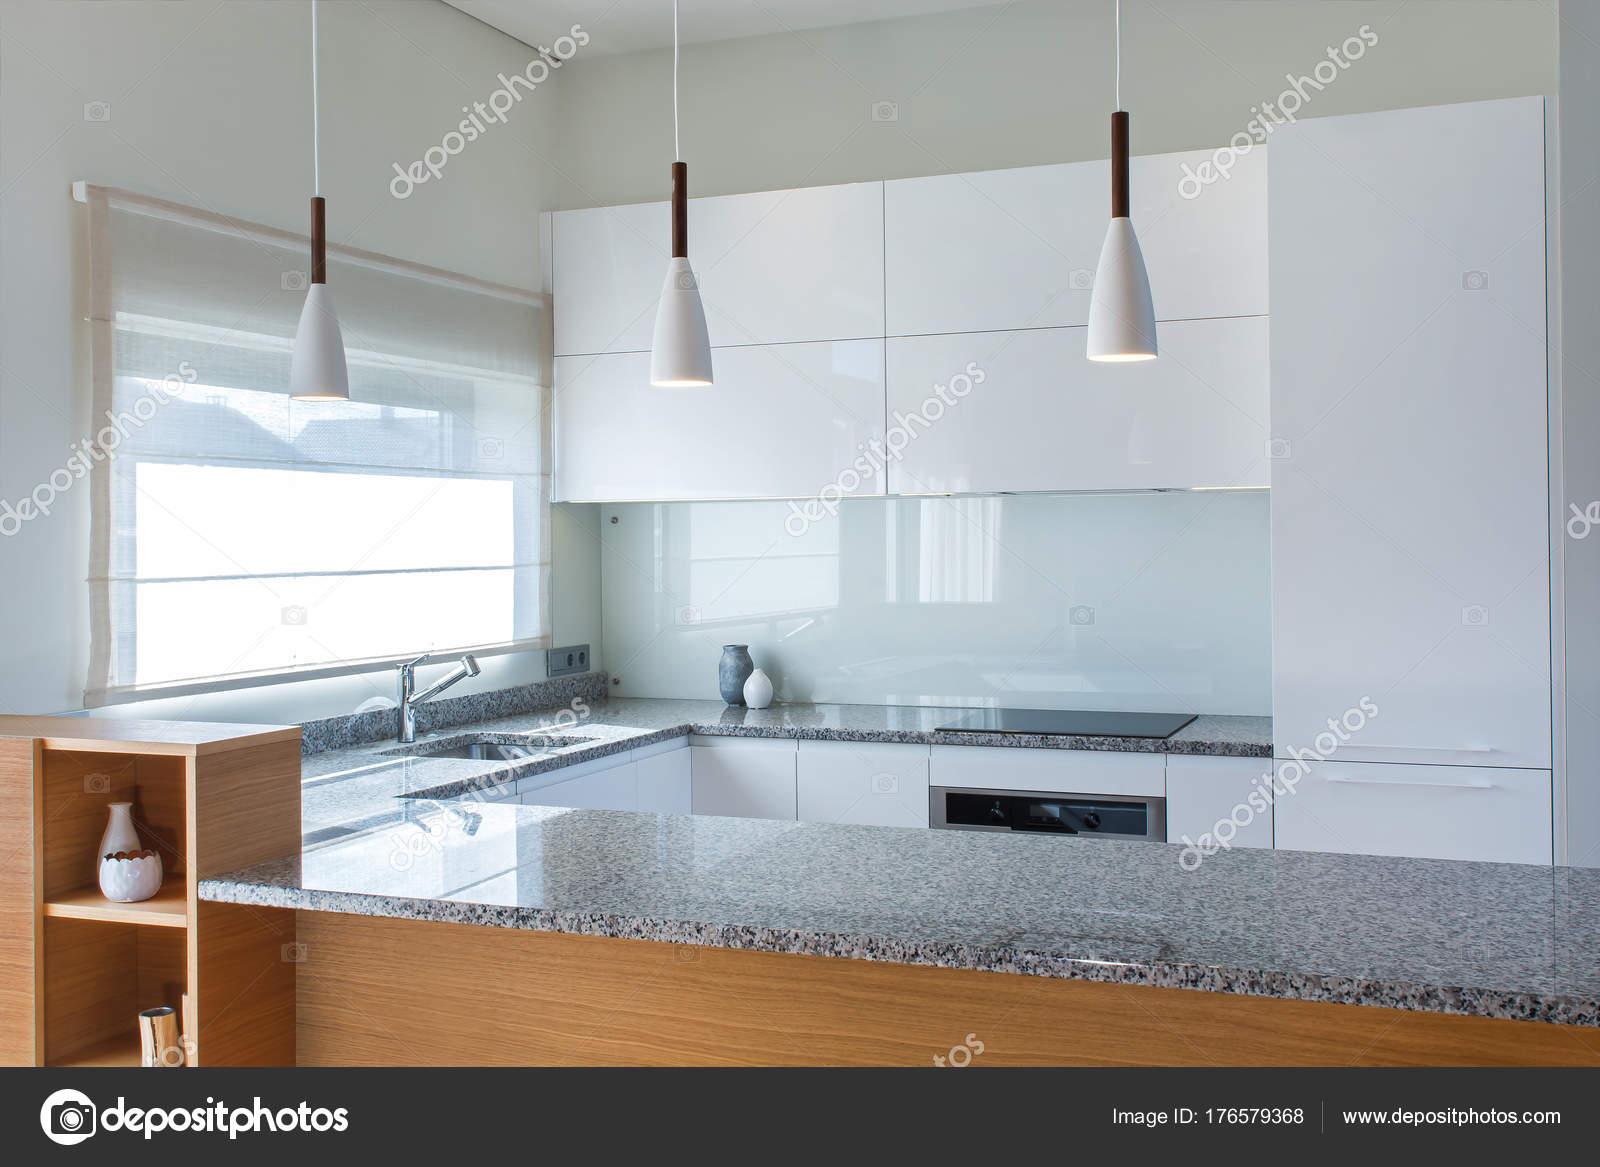 Keuken Houten Schiereiland : Showroomkeukenbeurs showroomkeuken met kookeiland